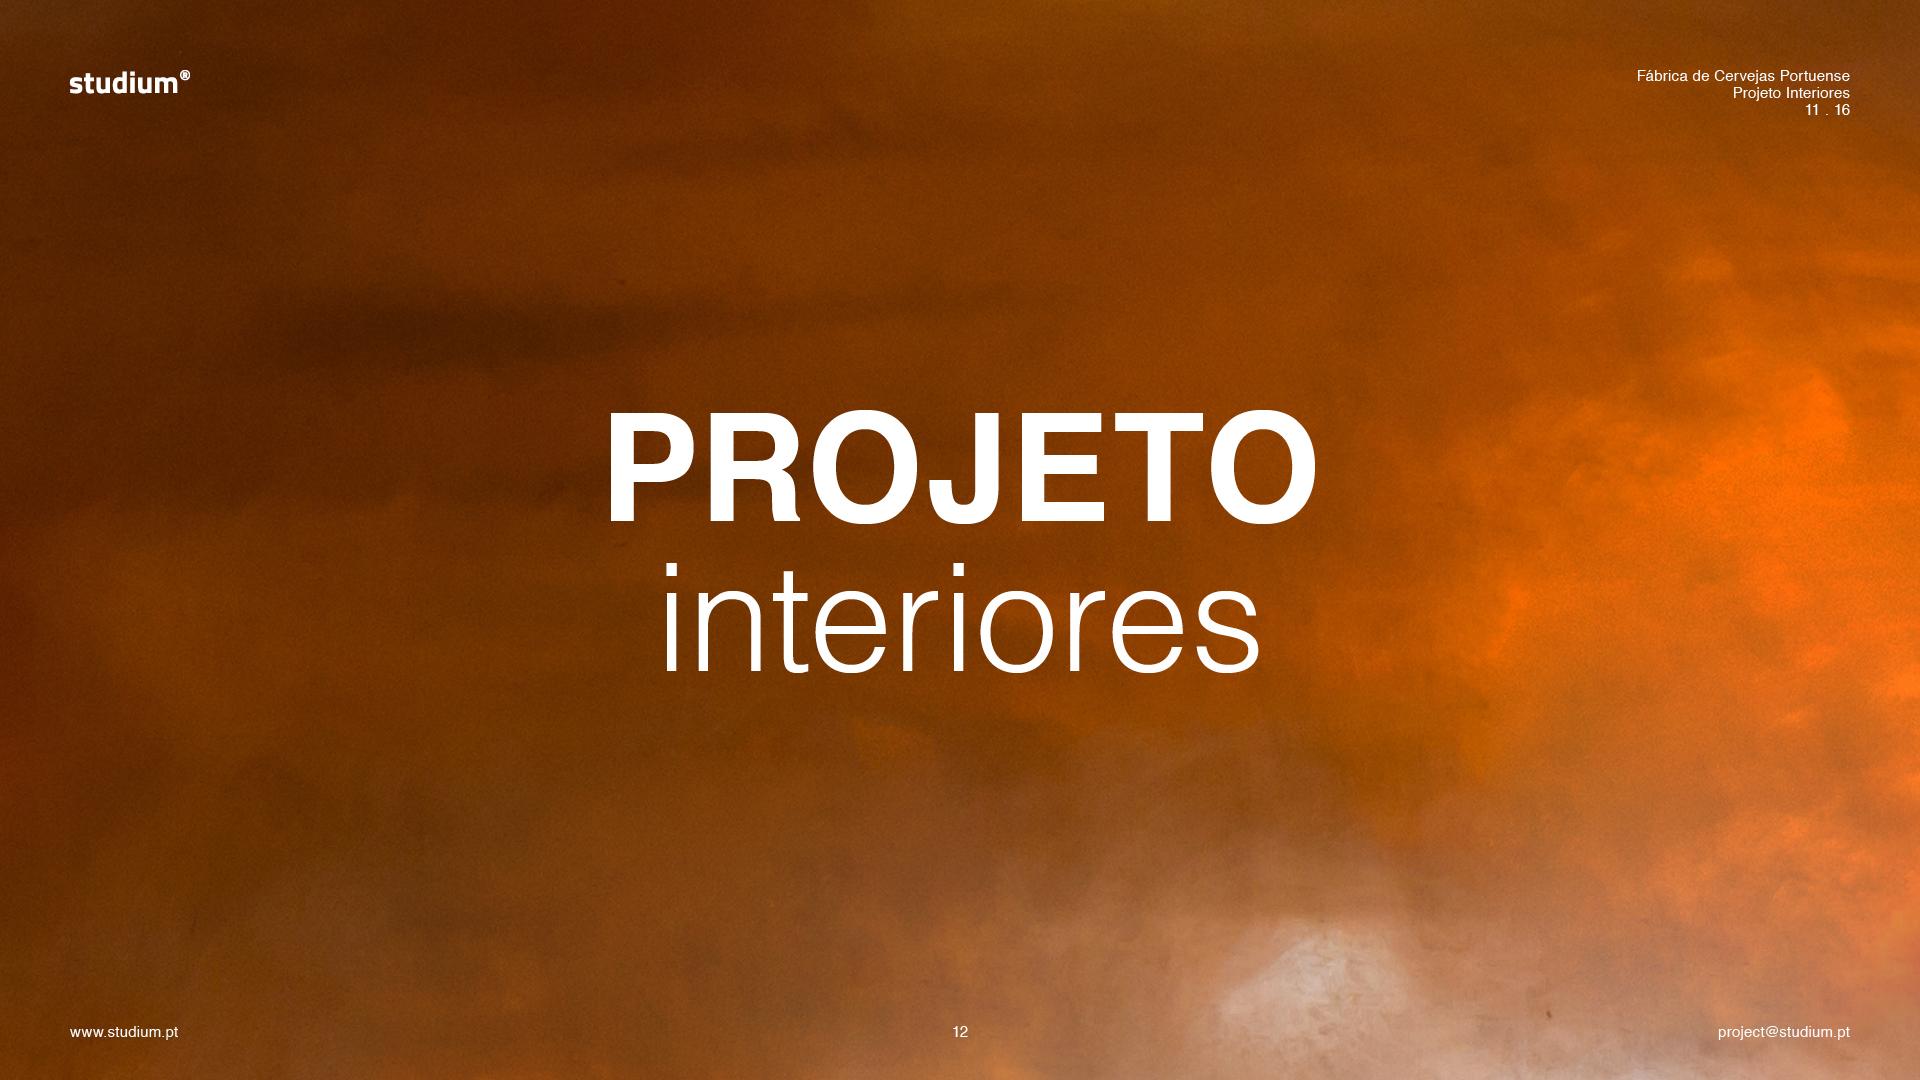 DSN20160033-FCPortuense-Sinaletica-Presentation-T12